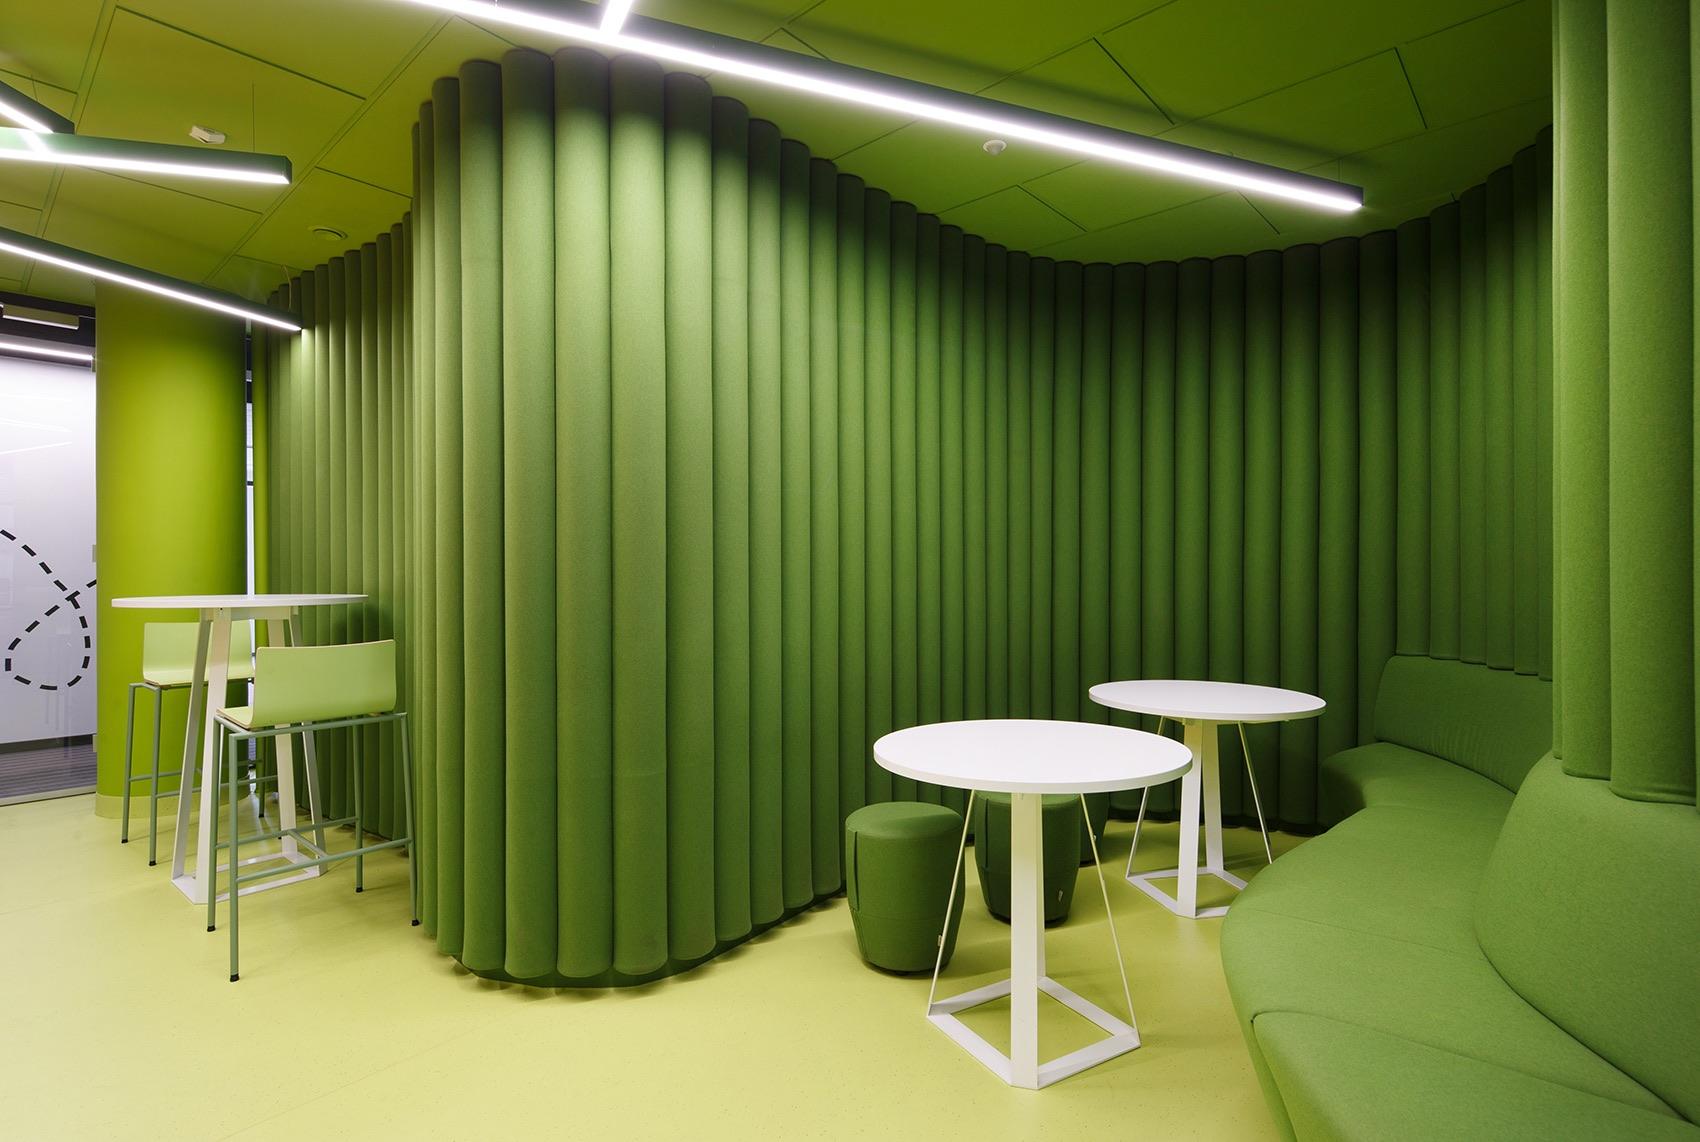 kpmg-katowice-office-32